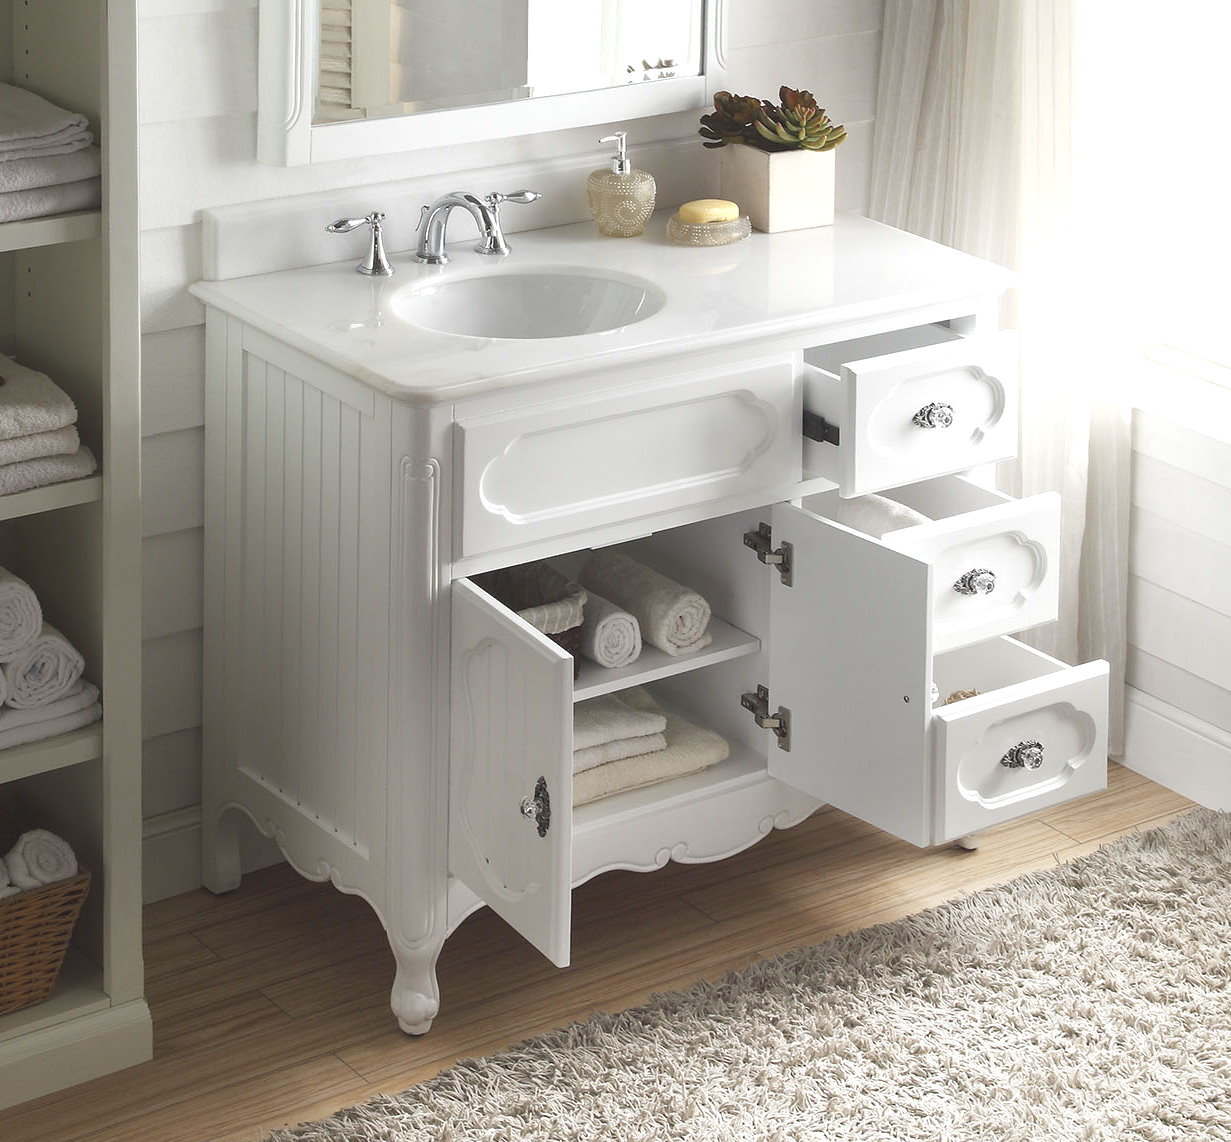 42in Haley Vanity | Left Sink Vanity | Summer Home Vanity